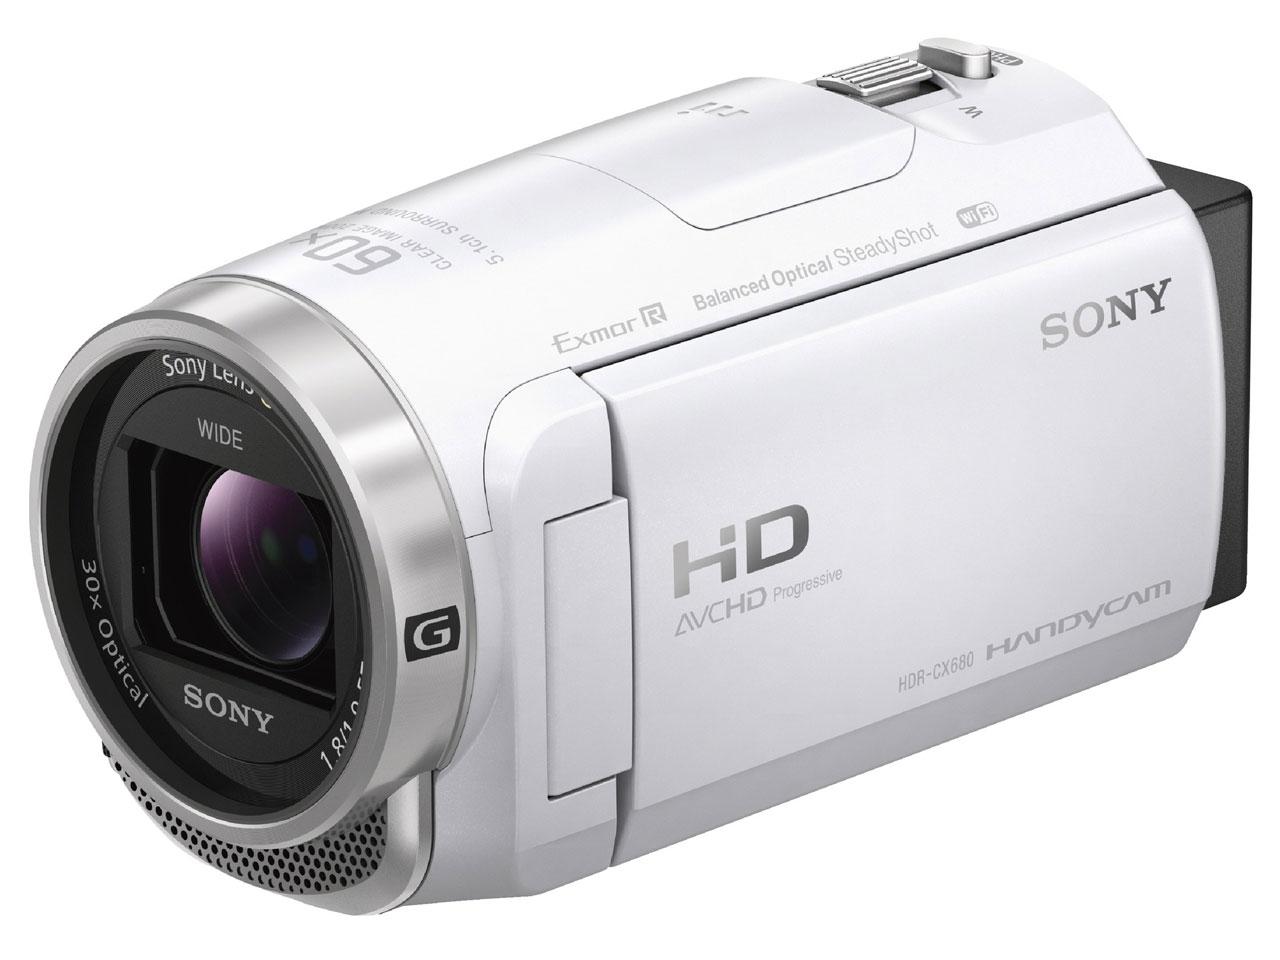 HDR-CX680 の製品画像